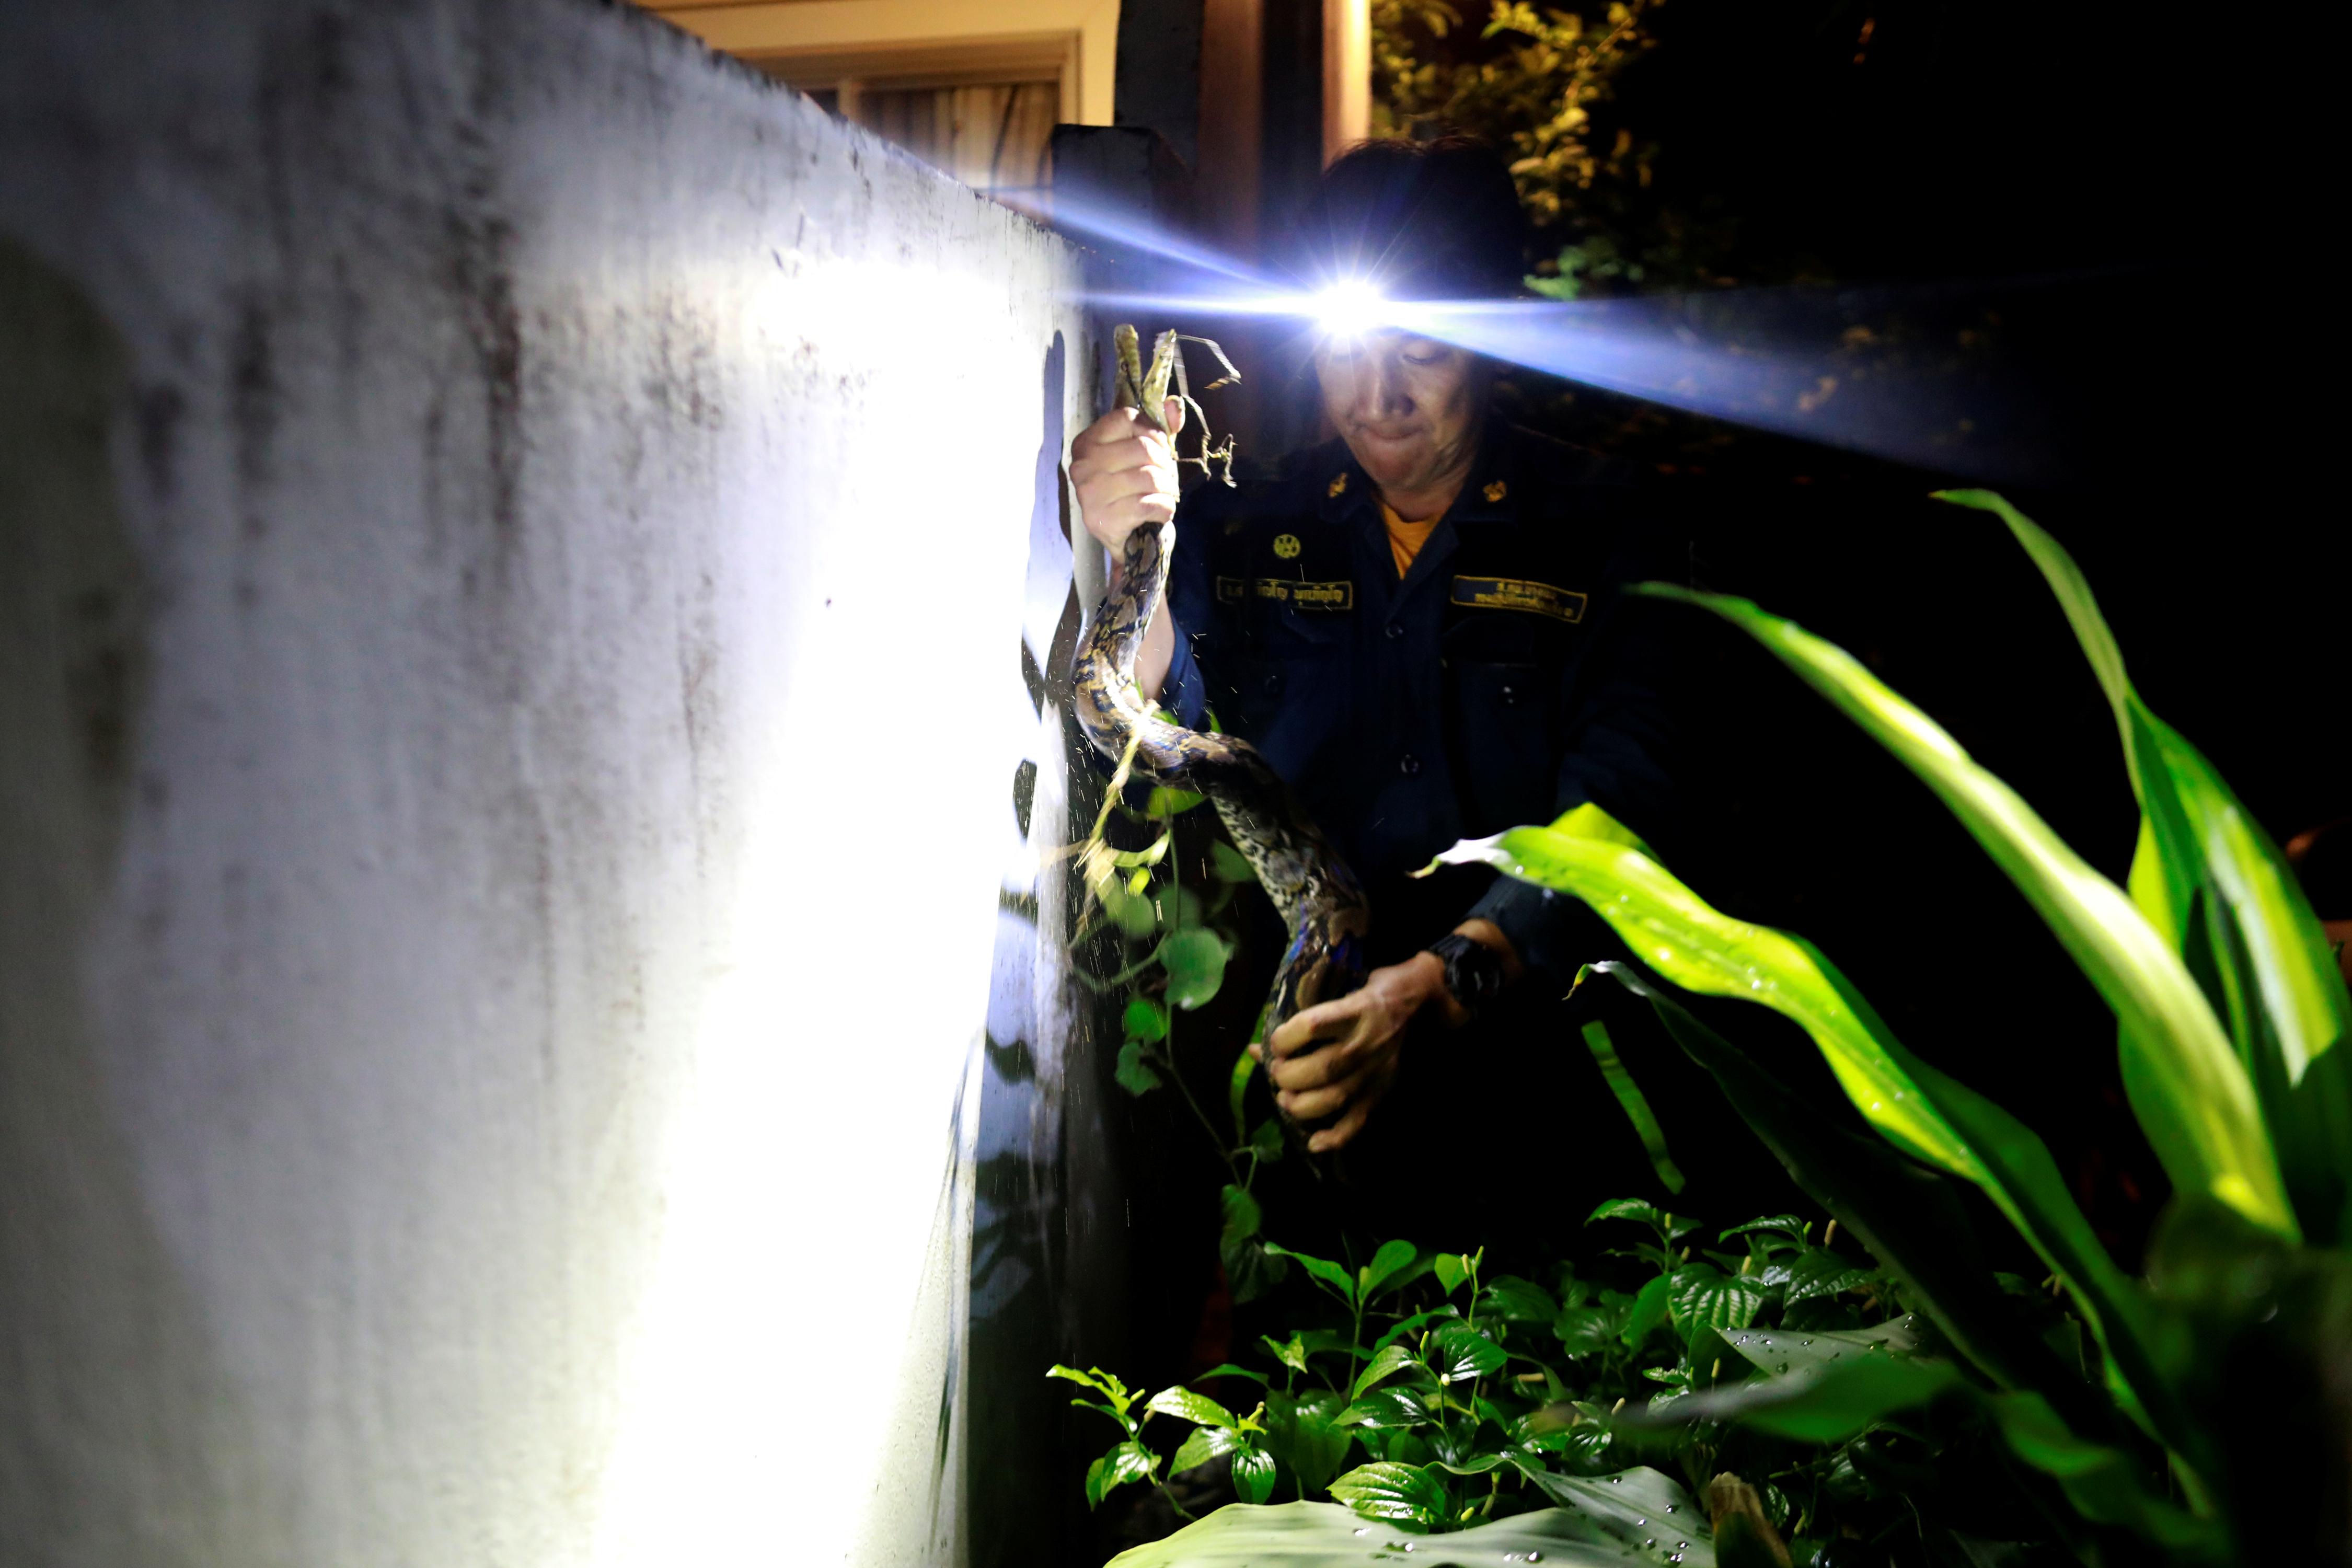 Pukpinyo atrapa una pitón en una casa tras un llamado de emergencia